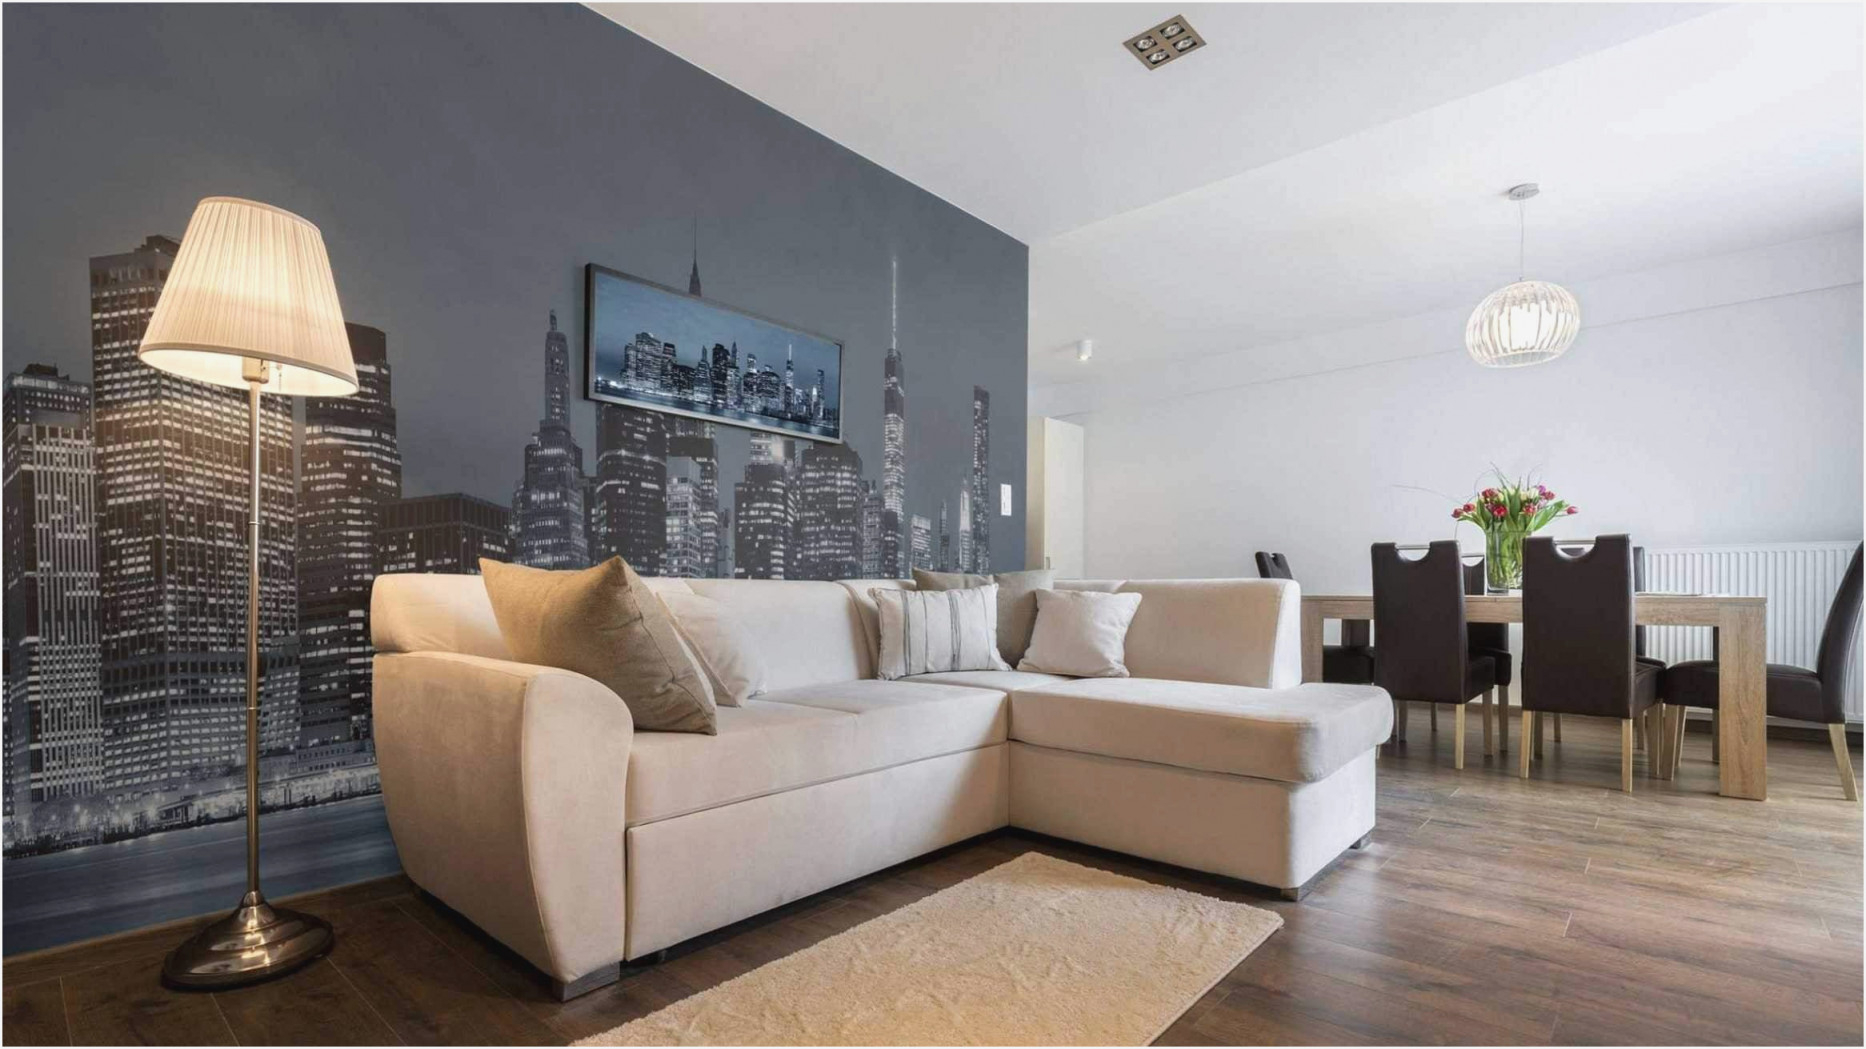 Wandgestaltung Wohnzimmer Beispiele – Caseconrad von Wohnzimmer Wandgestaltung Ideen Bild